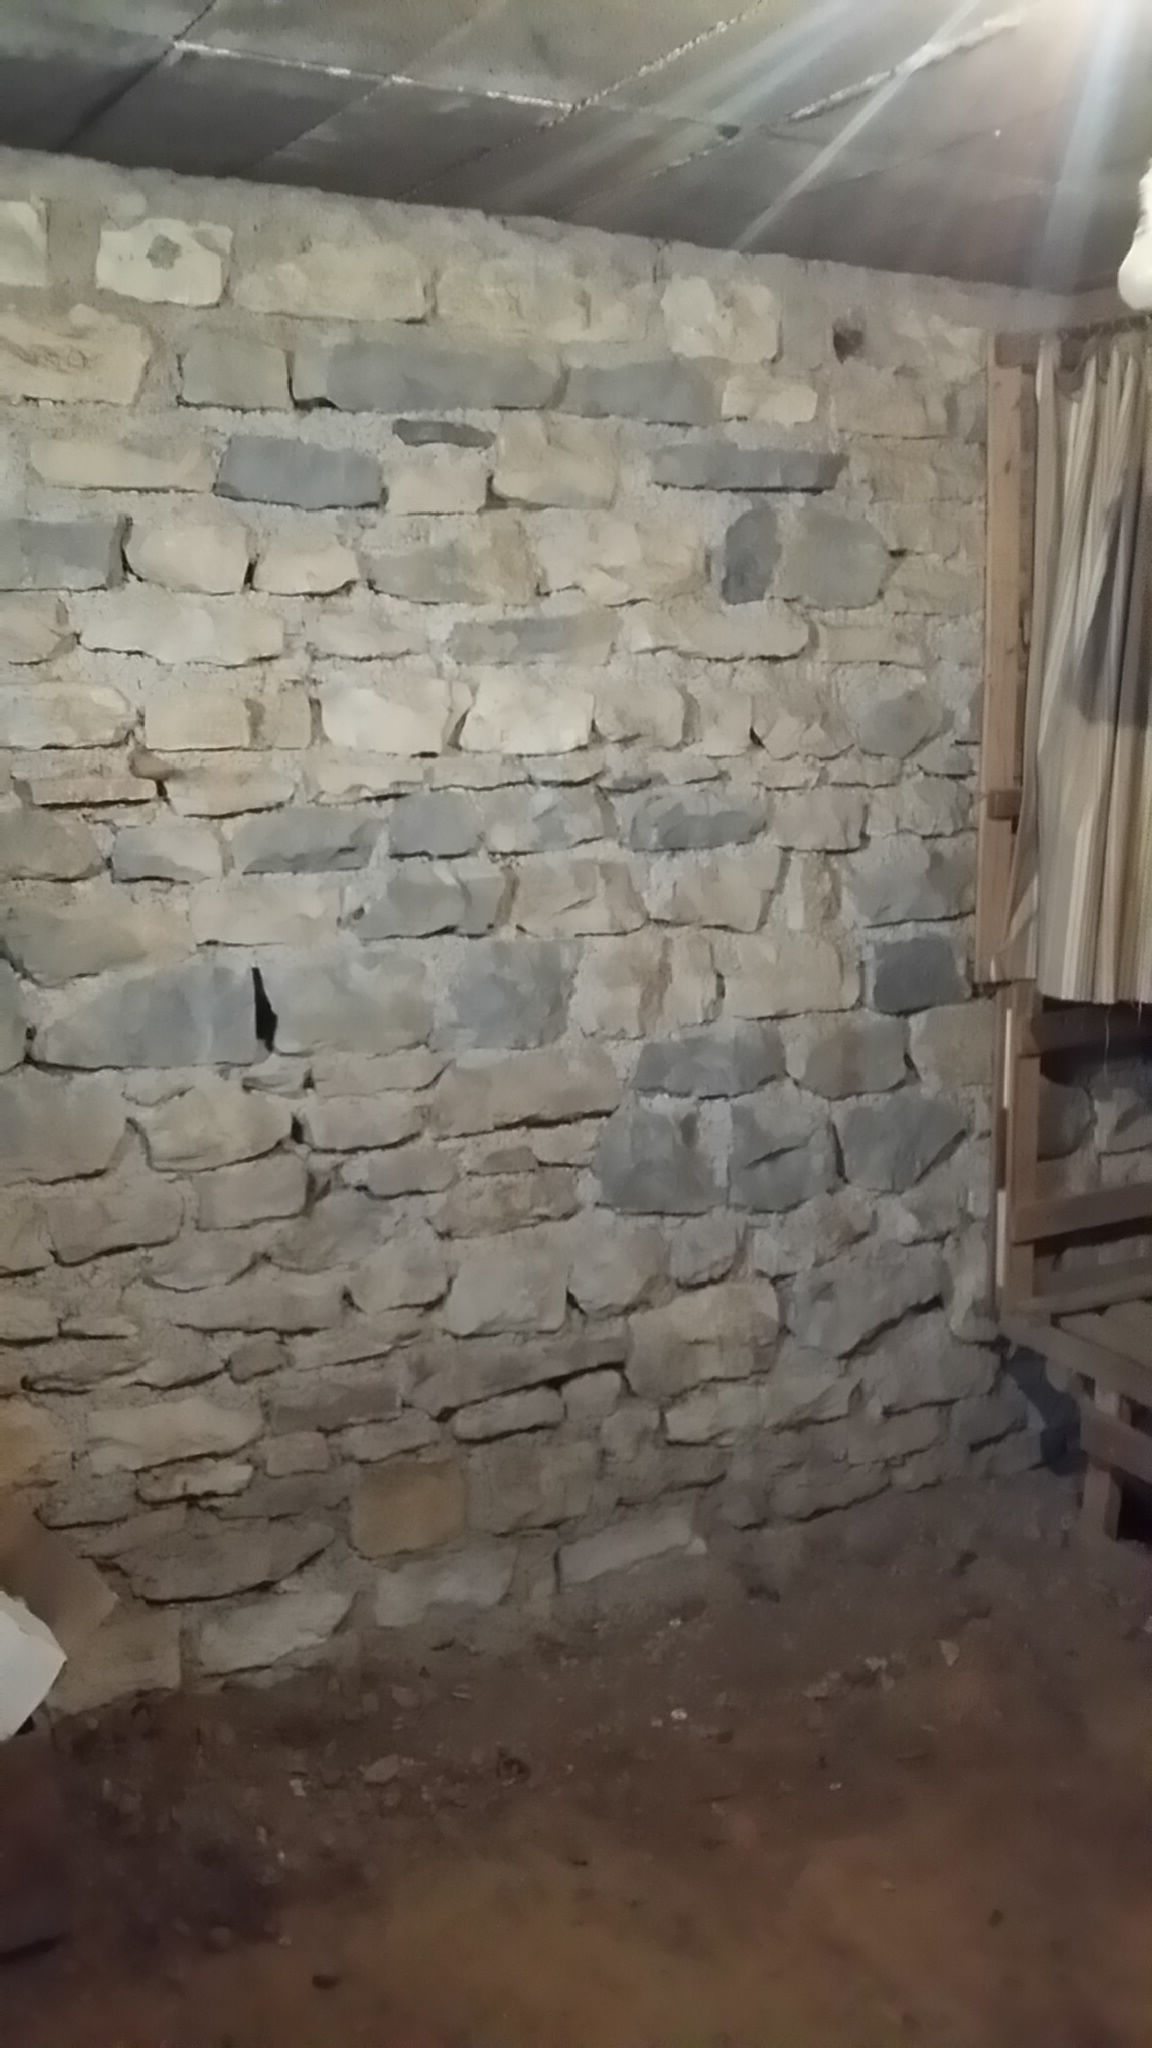 Une fois tout enlevé, la cave se révèle saine et prête à être réaménagée...